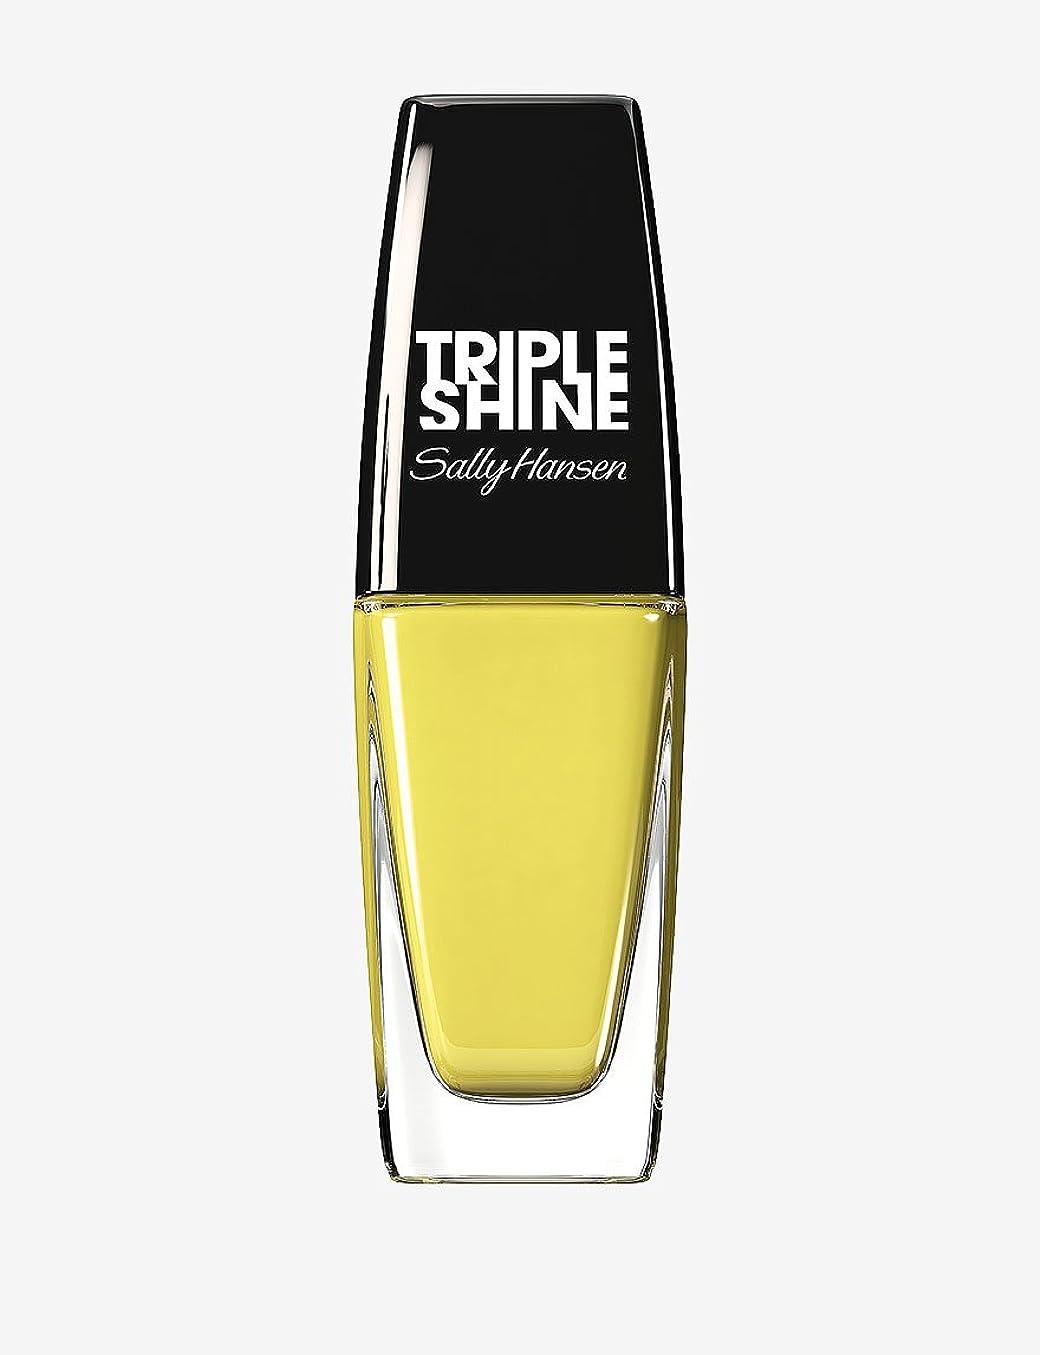 シンポジウムペデスタルモッキンバードSALLY HANSEN Triple Shine Nail Polish - Statemint (並行輸入品)